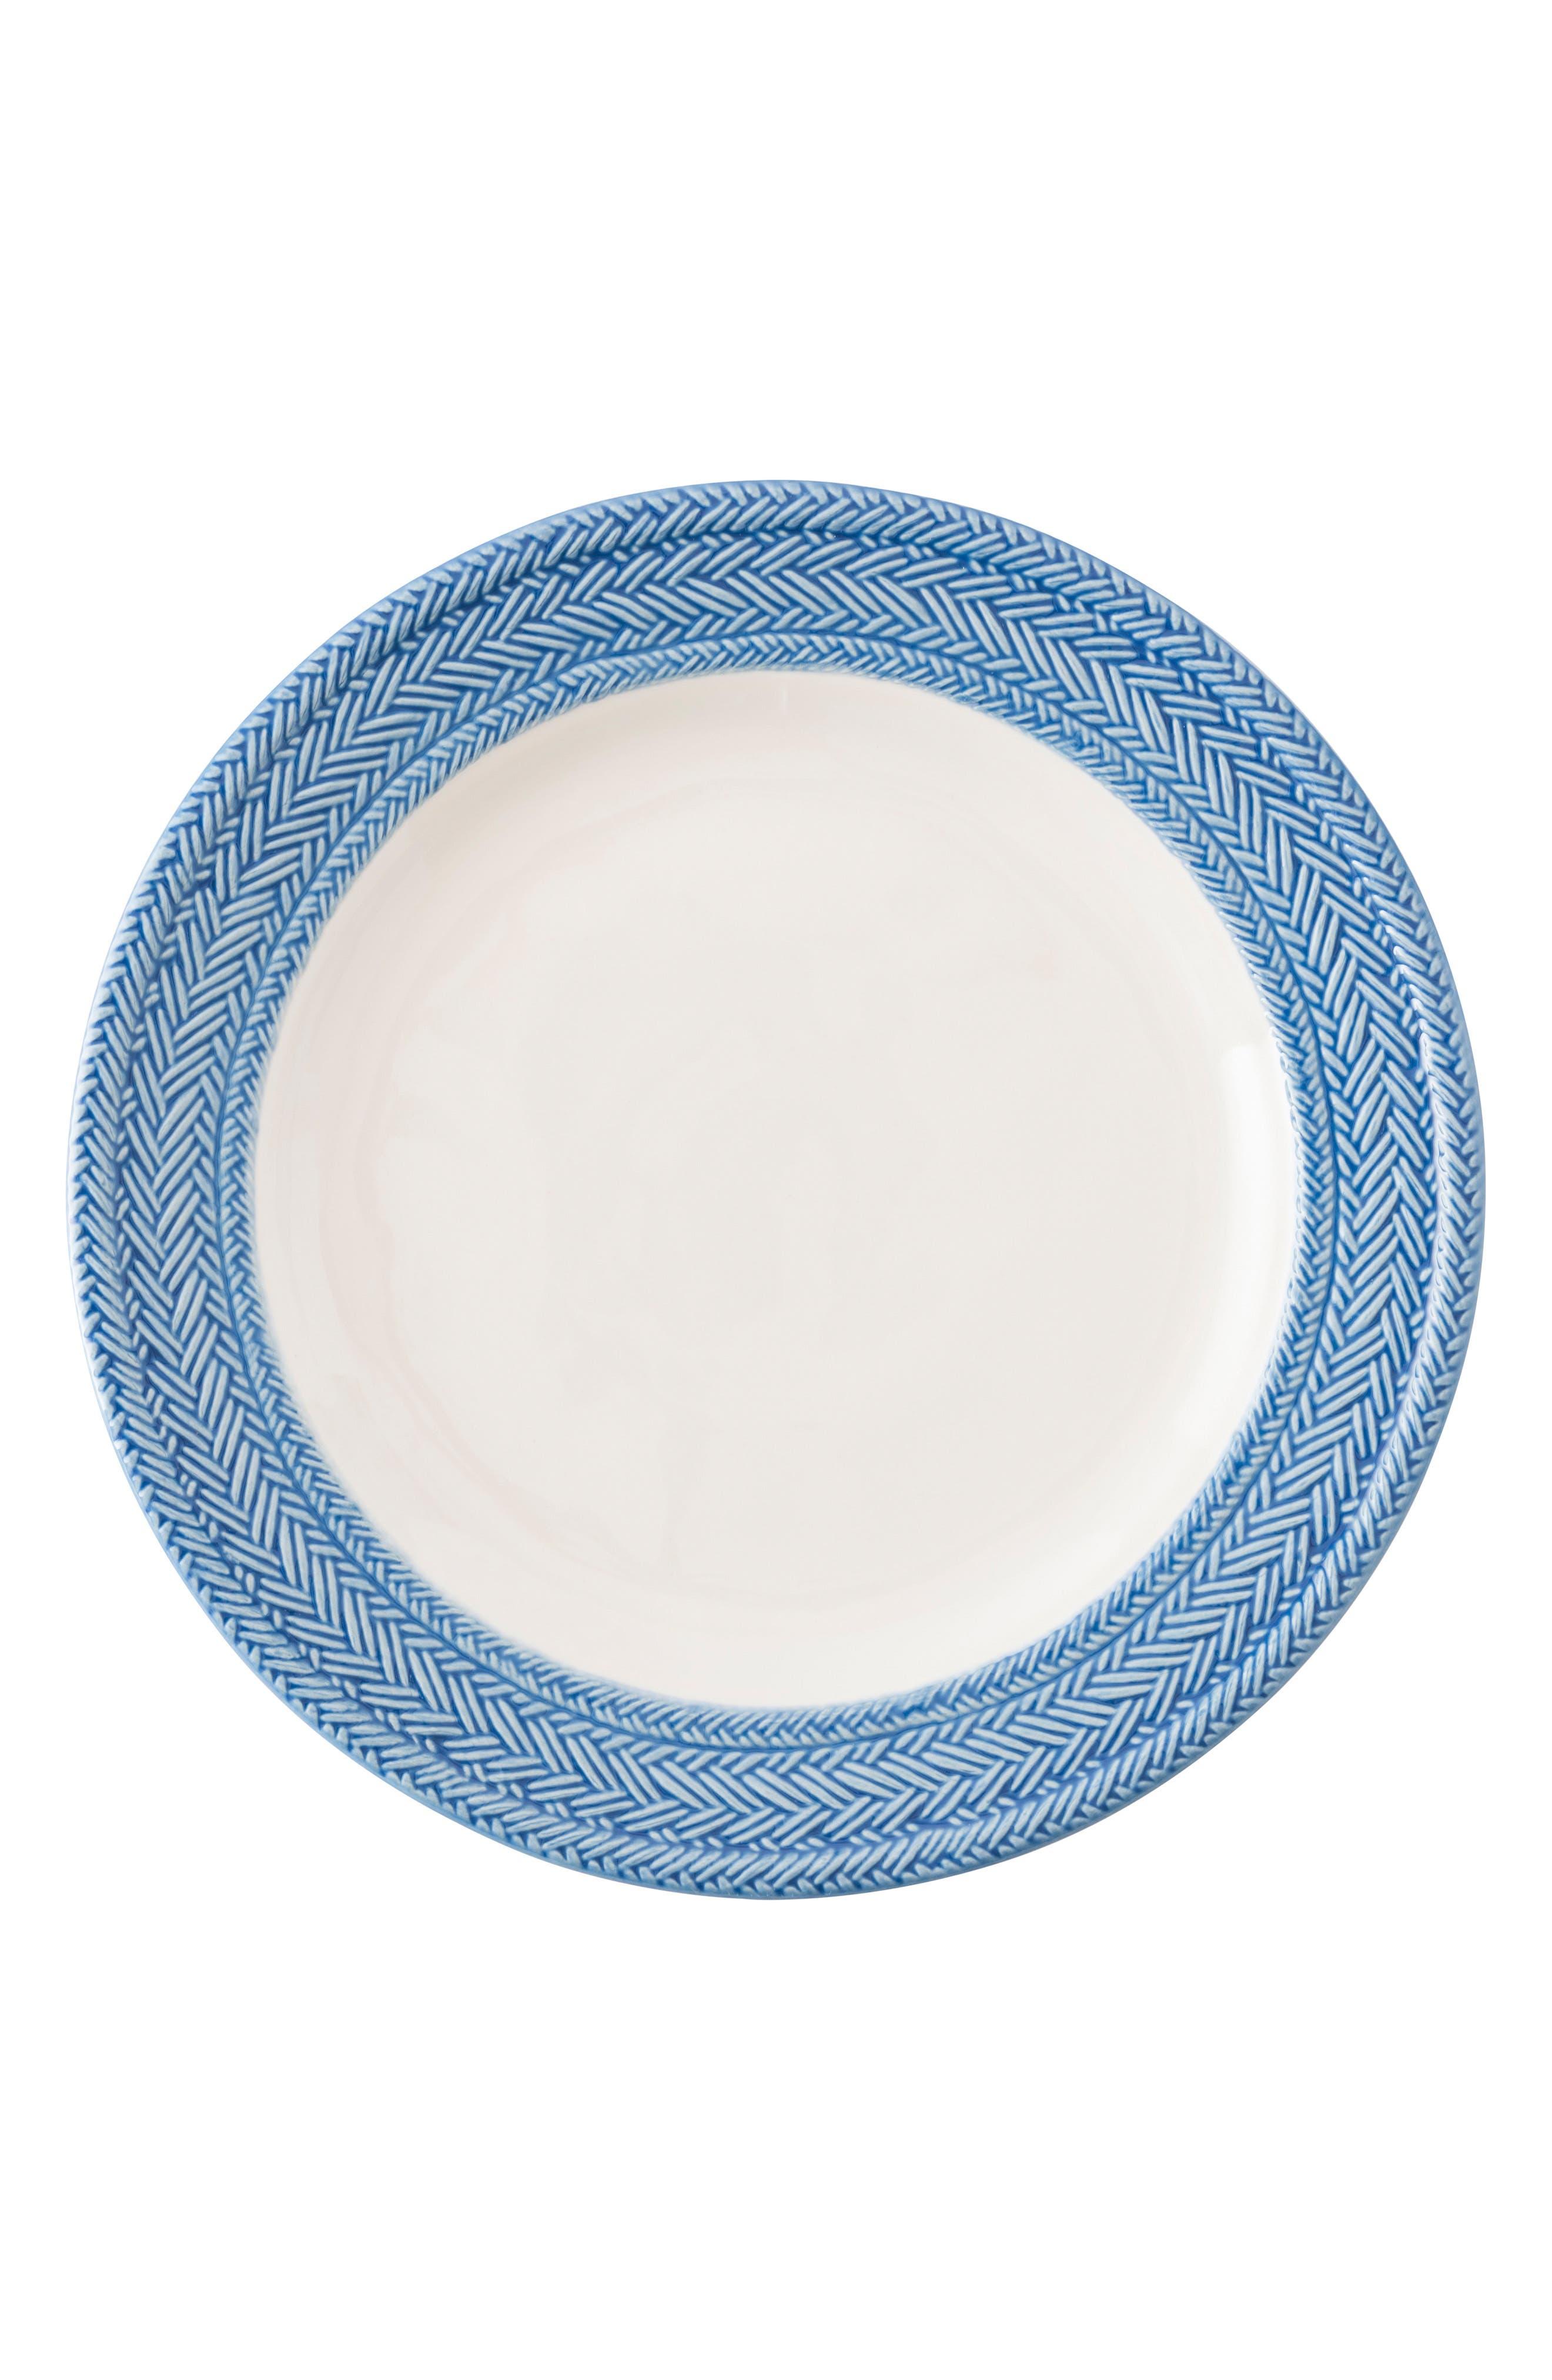 Le Panier Dinner Plate,                         Main,                         color, WHITEWASH/ DELFT BLUE